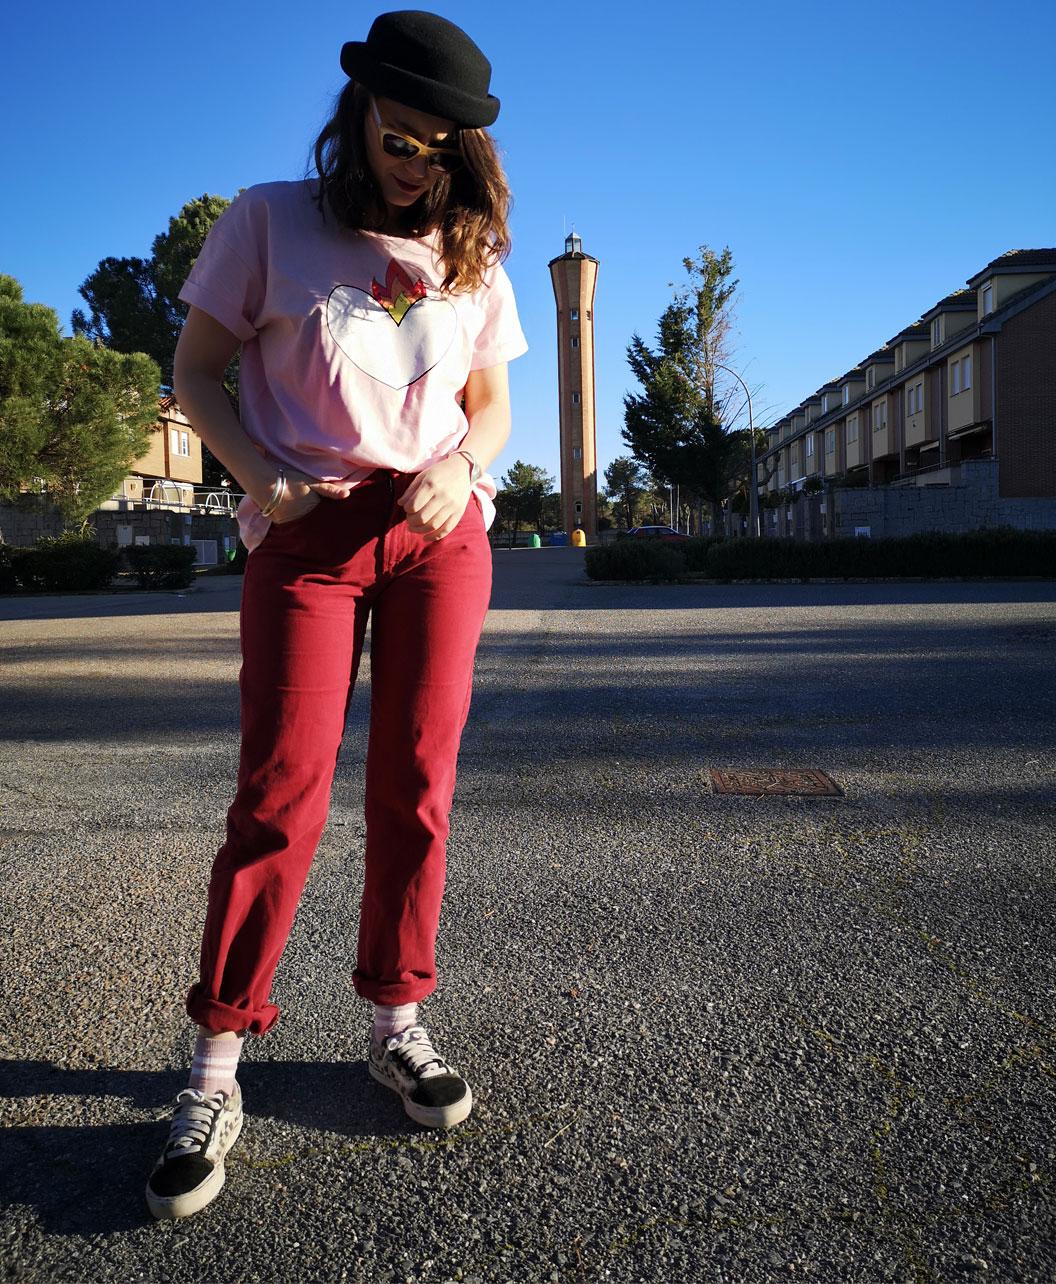 camiseta mujer manga corta rosa algodon organico diseno original diferente corazon llamas y frase por detras corazon latir